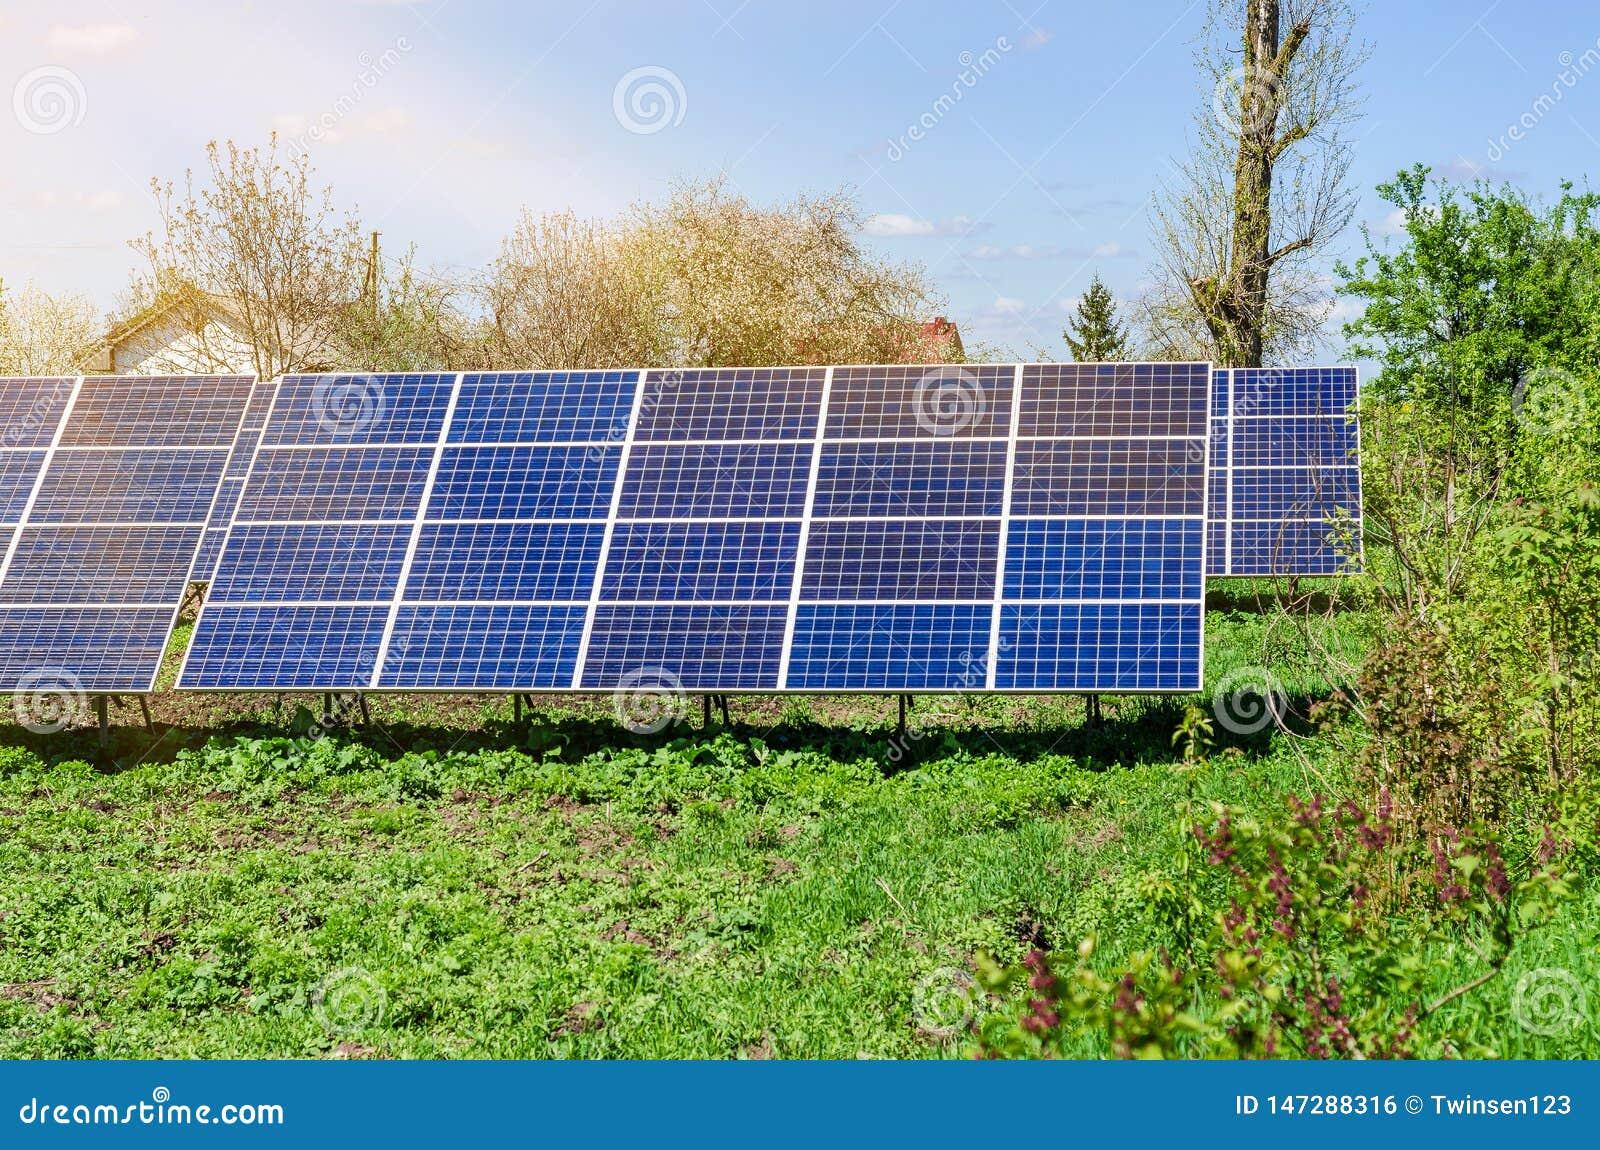 Photovoltaic ecologische modules op groene grasvallei tegen van zon en bewolkte hemel